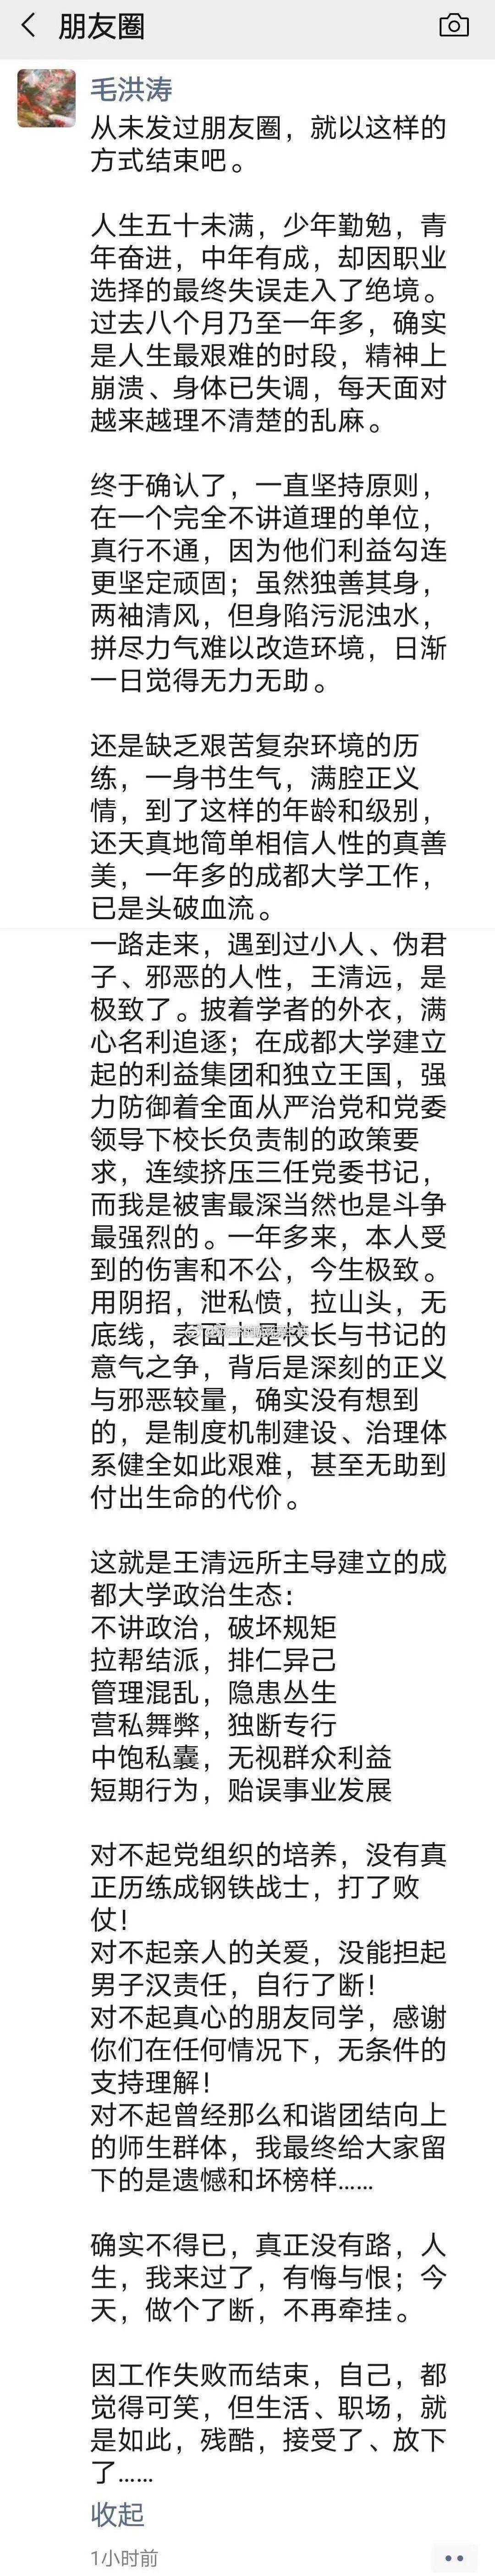 """成都大学党委书记溺水身亡,生前发绝笔信指控""""受到伤害和不公""""图片"""